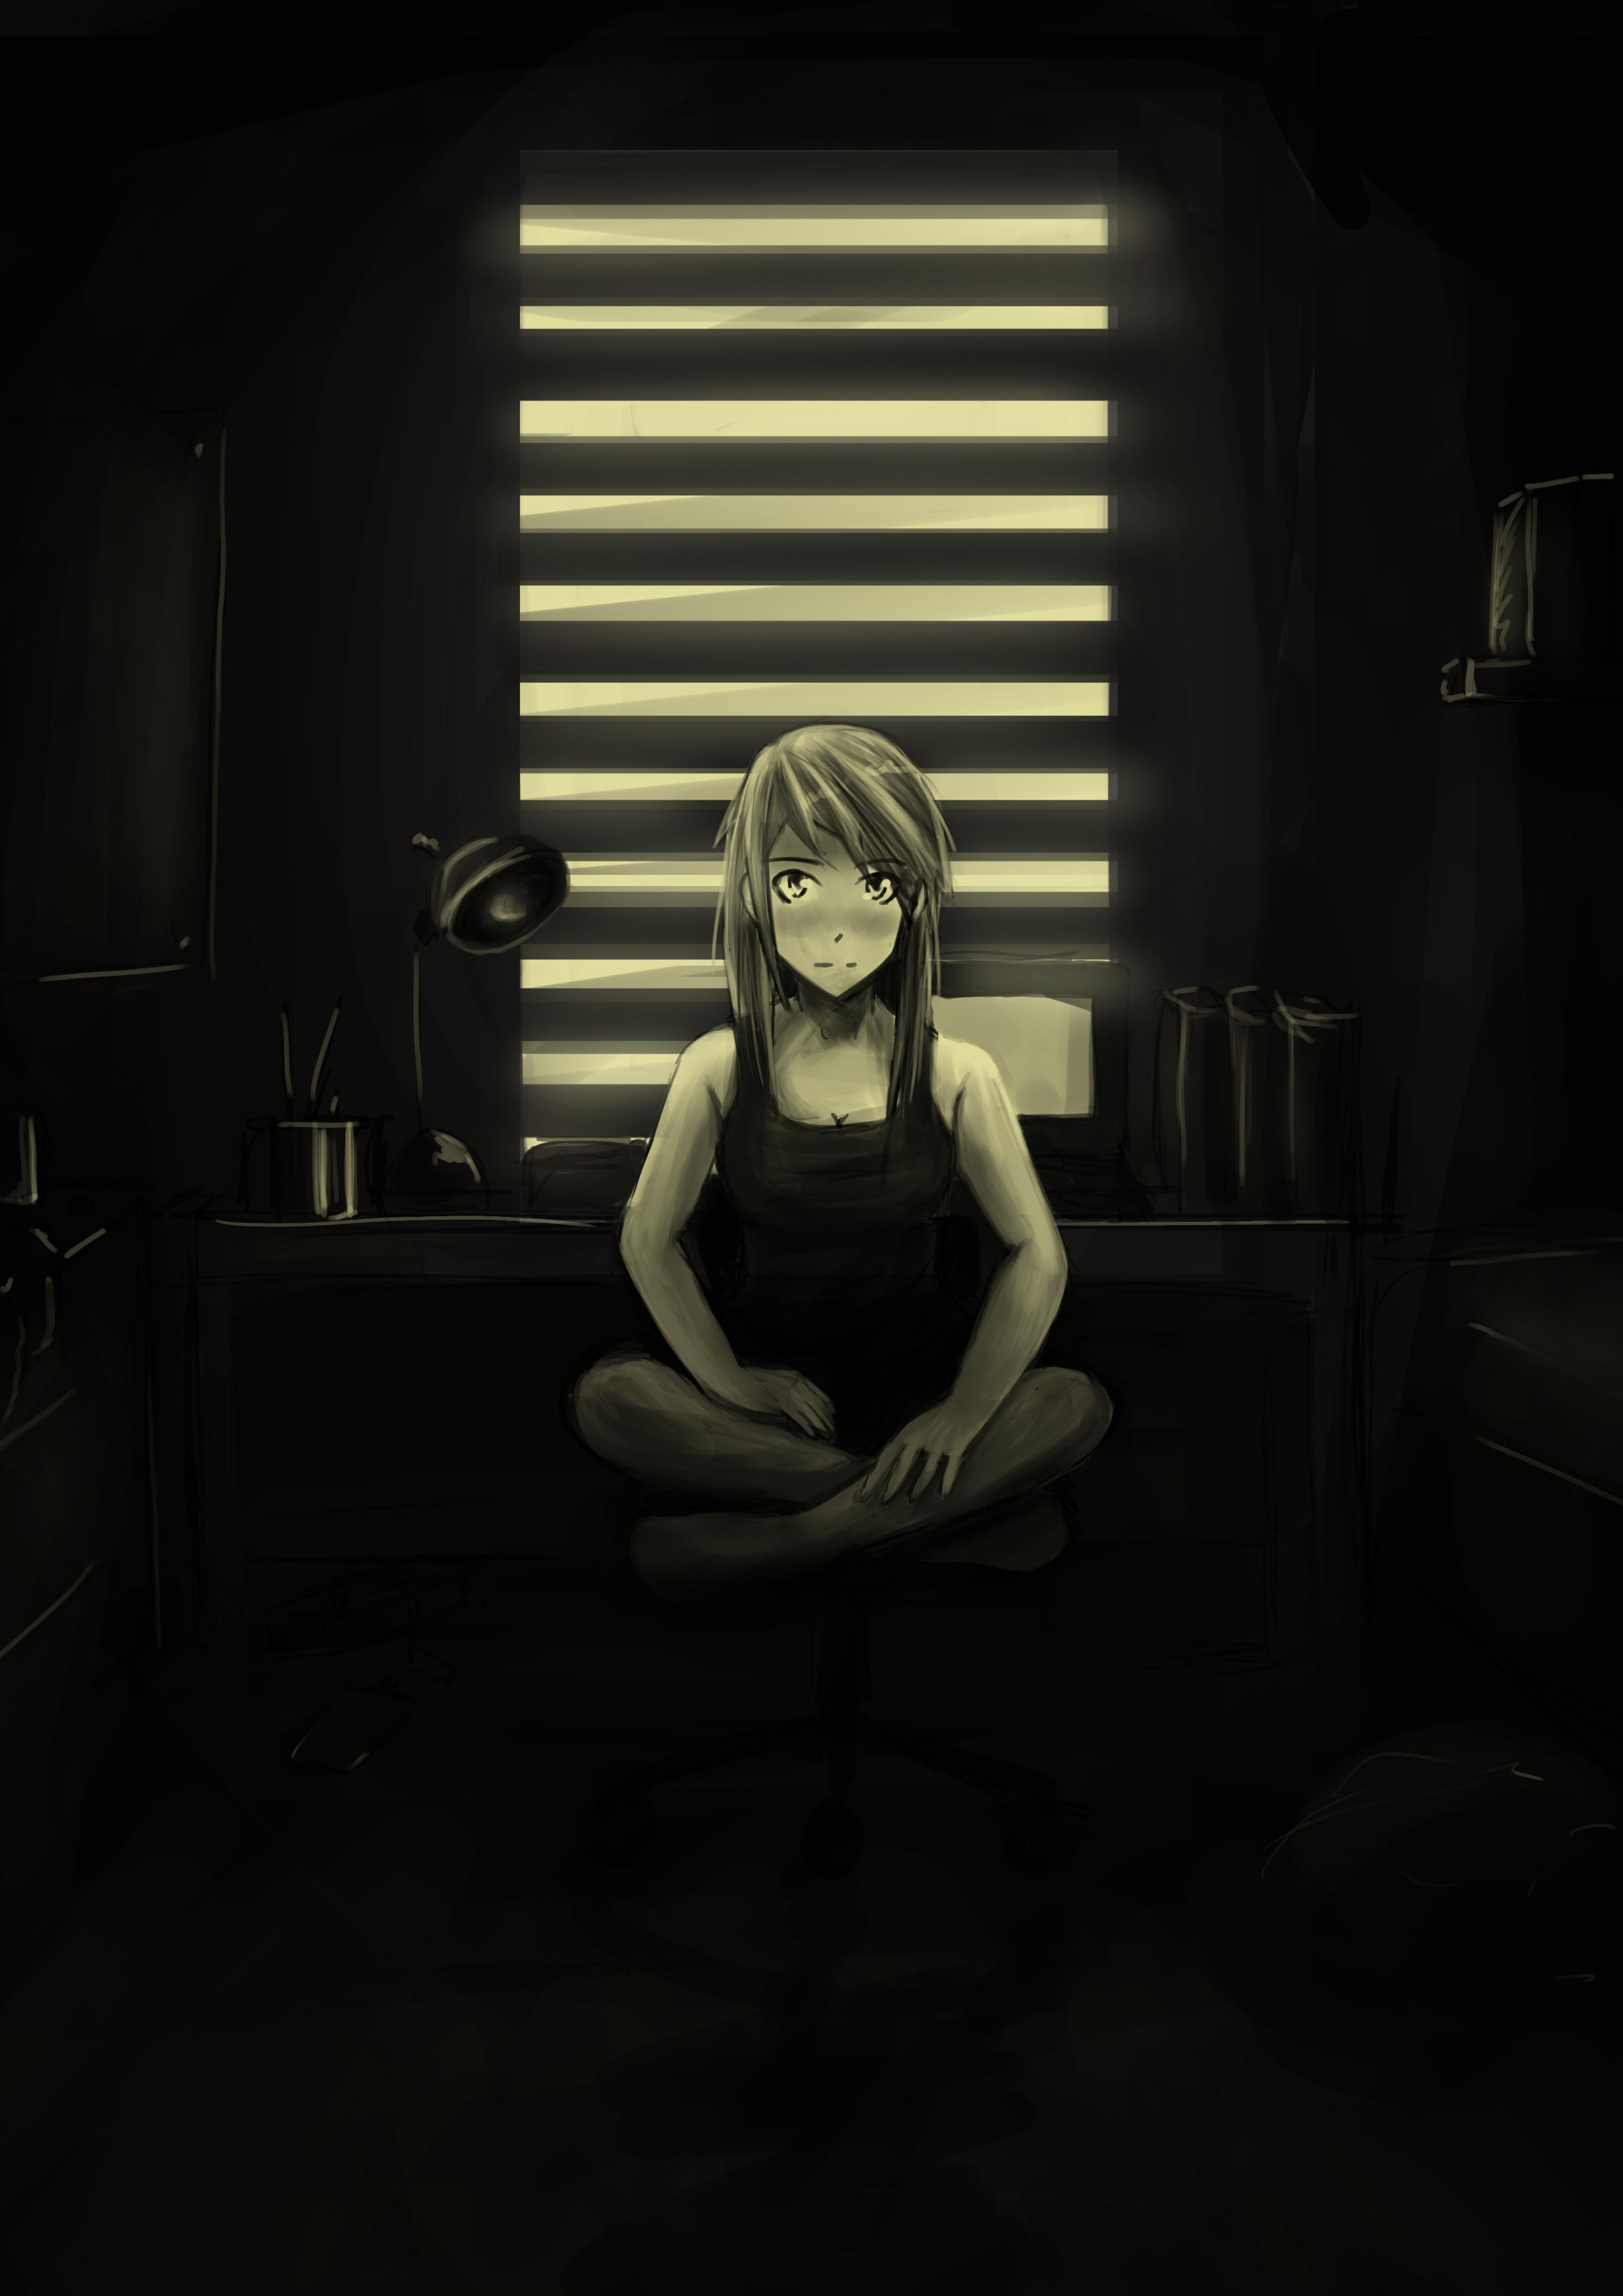 Lain's room